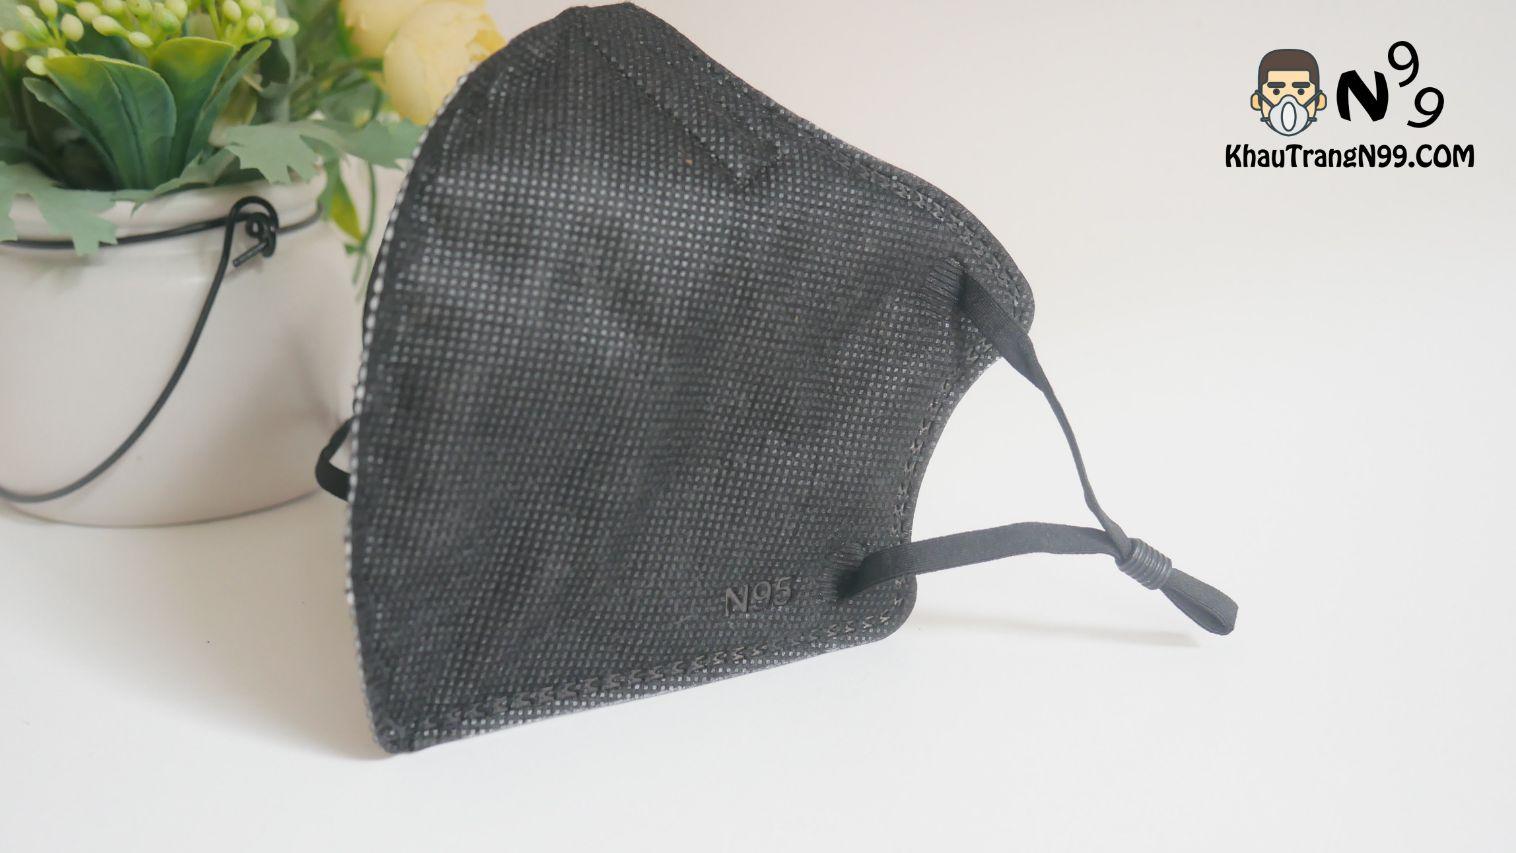 khẩu trang mona mask n95 công nghệ nano màu đen (5)